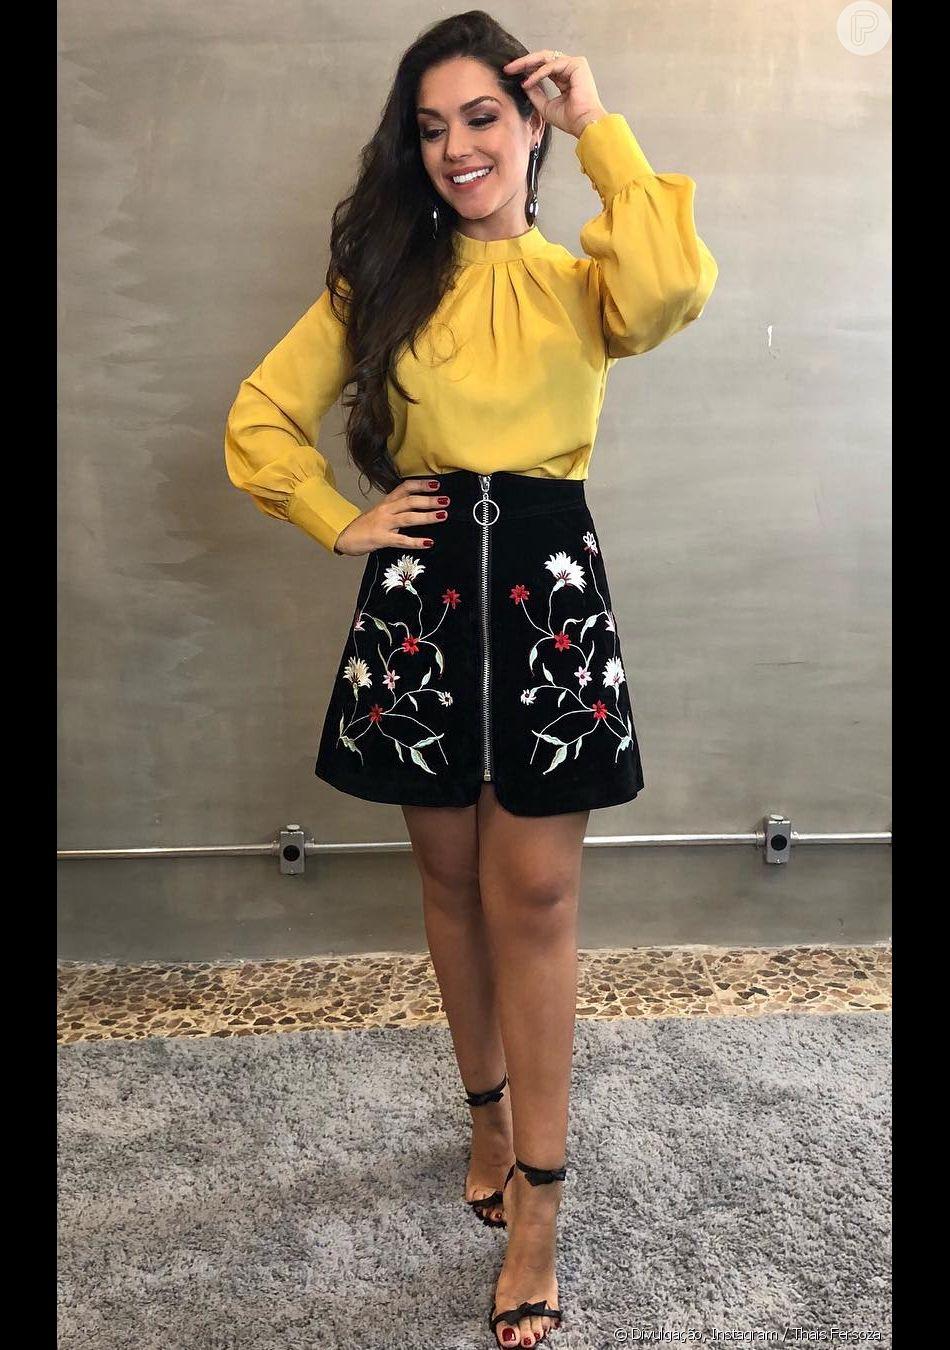 De saia bordada e camisa mostarda, Thais Fersoza ganhou elogio dos fãs nesta terça-feira, 29 de janeiro de 2019